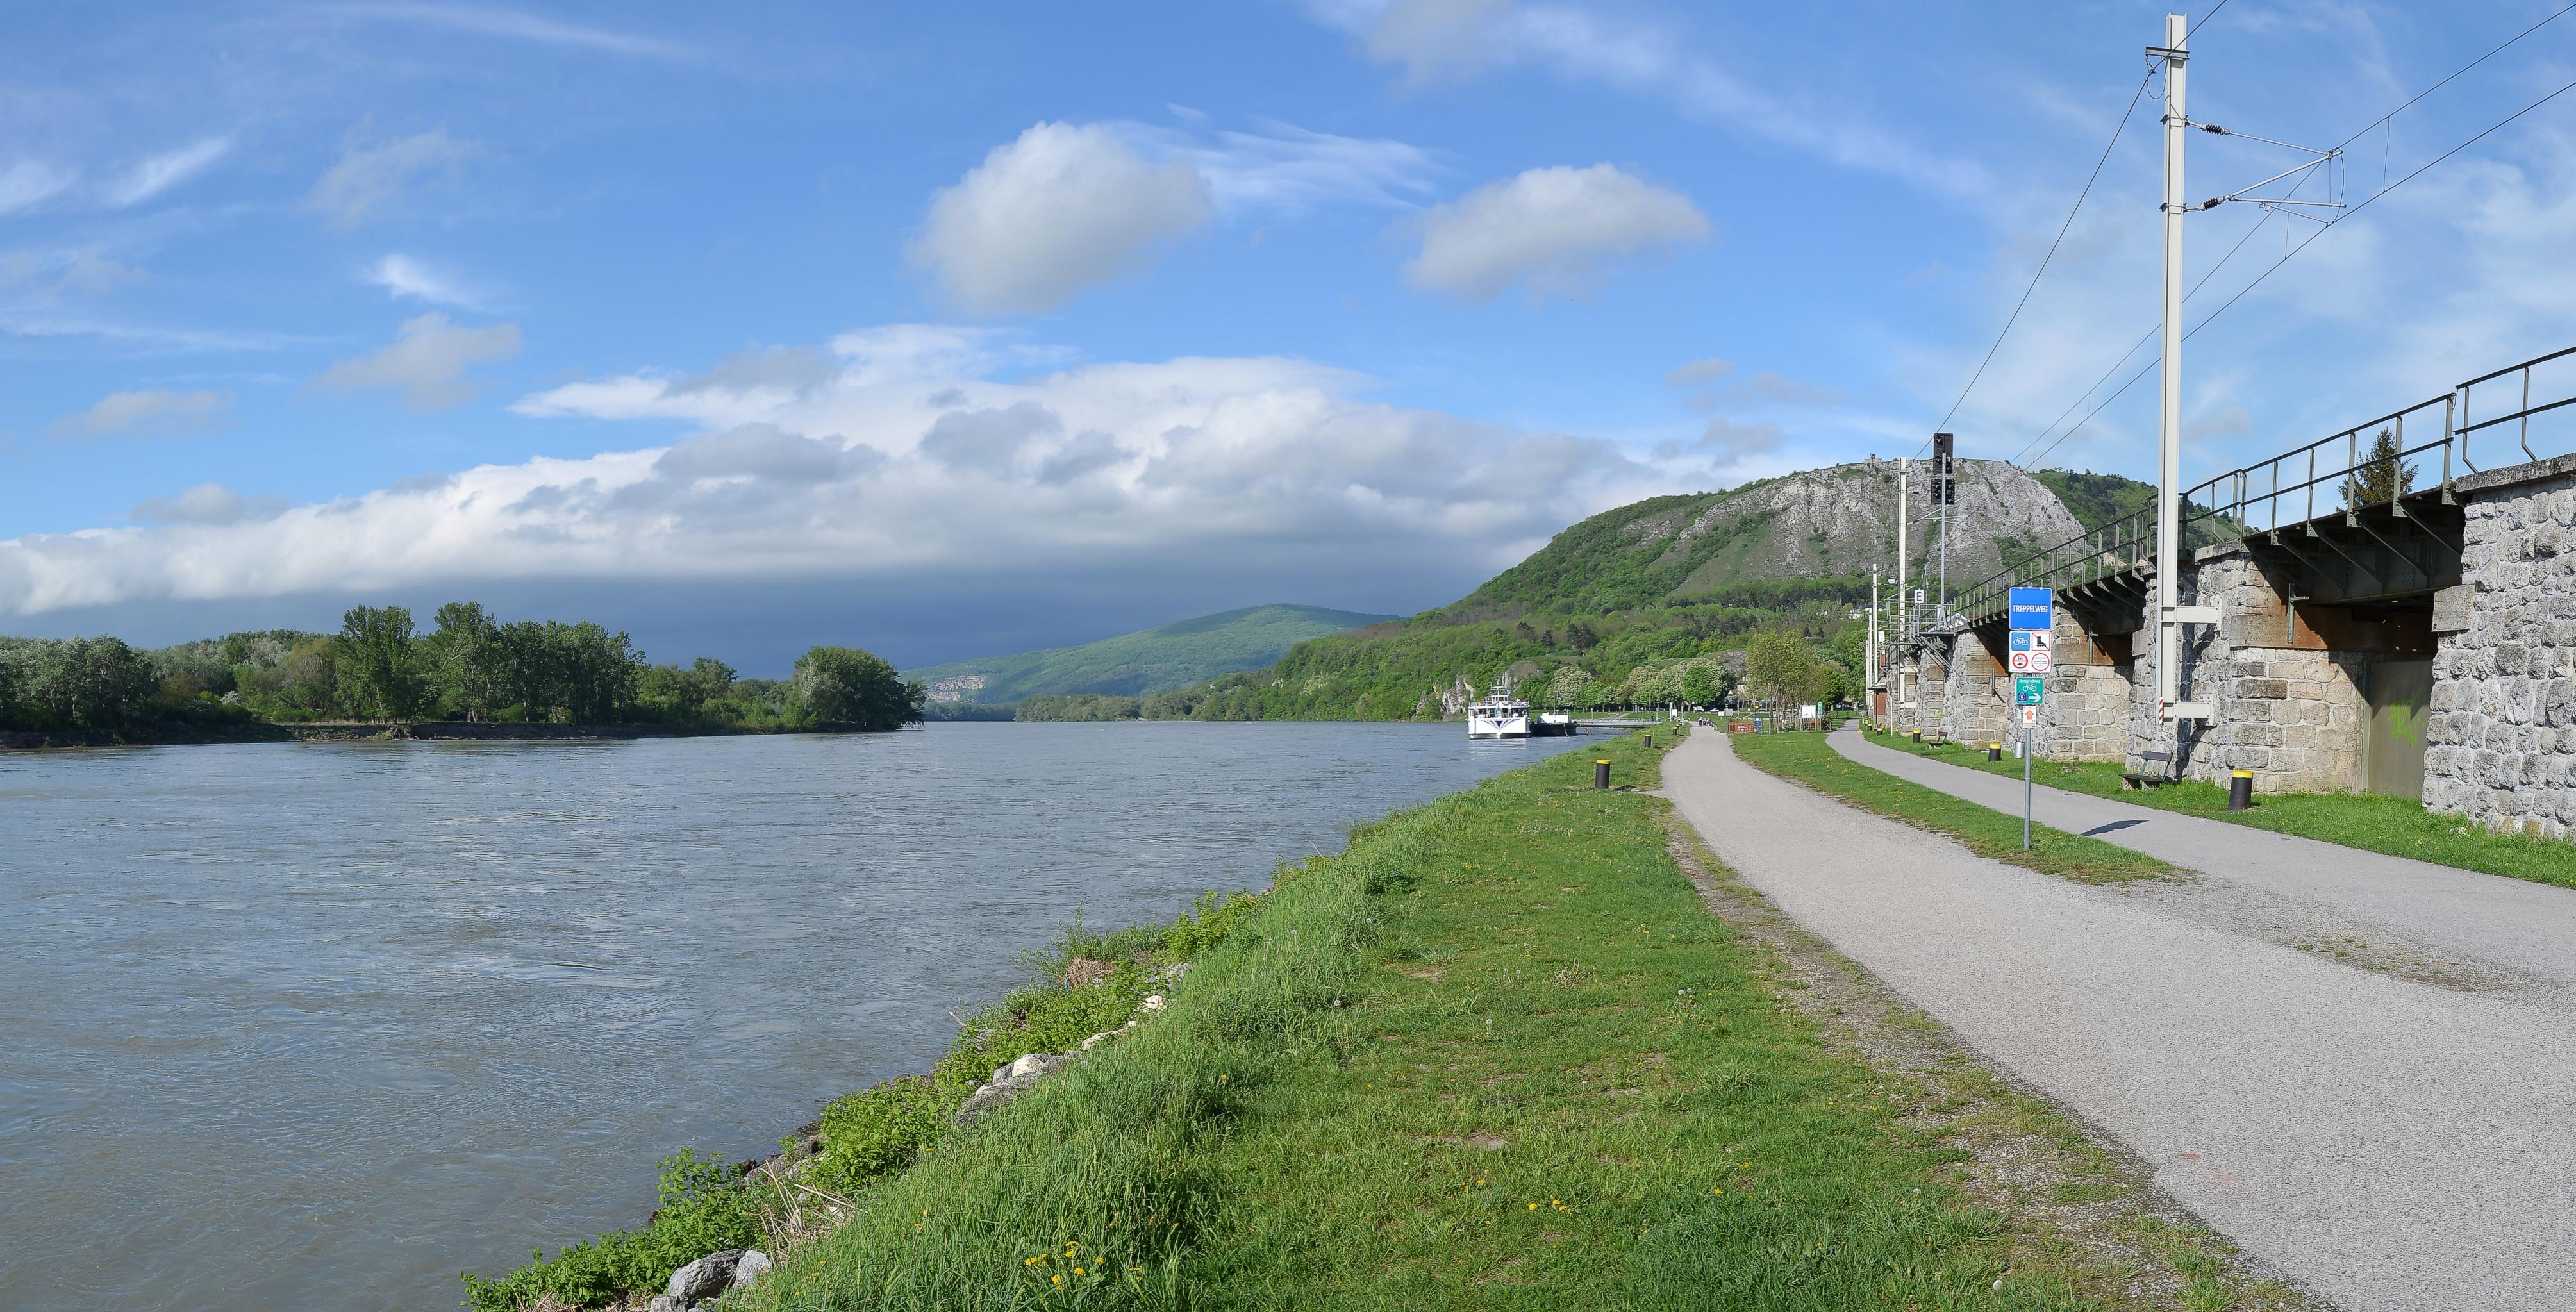 File:Treppelweg und Donau - Hainburg an der Donau.JPG ...